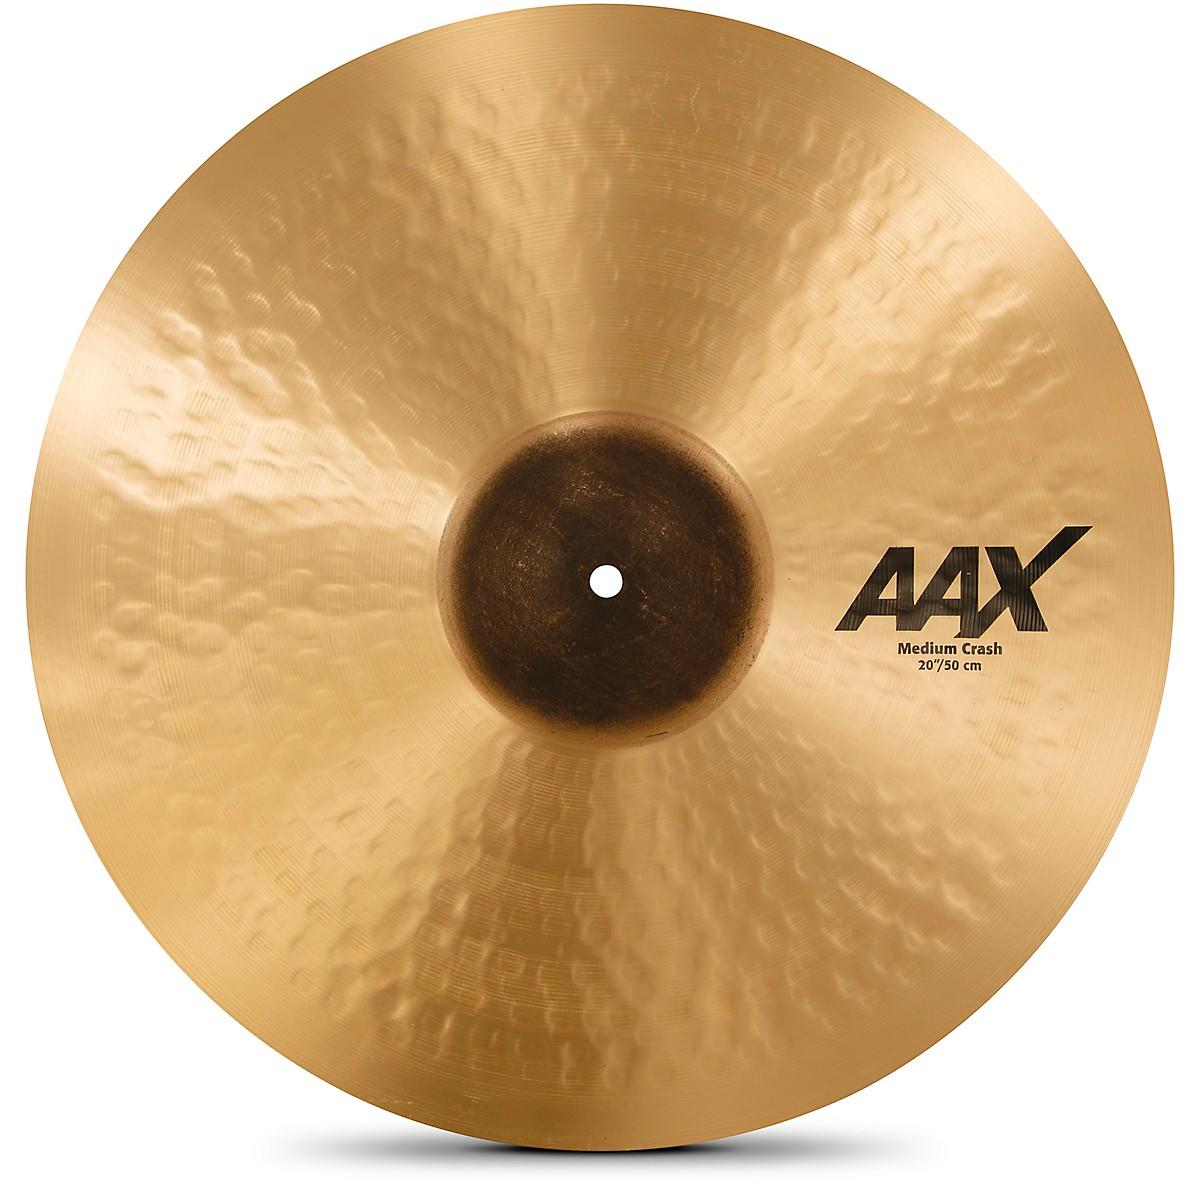 Sabian AAX Medium Crash Cymbal